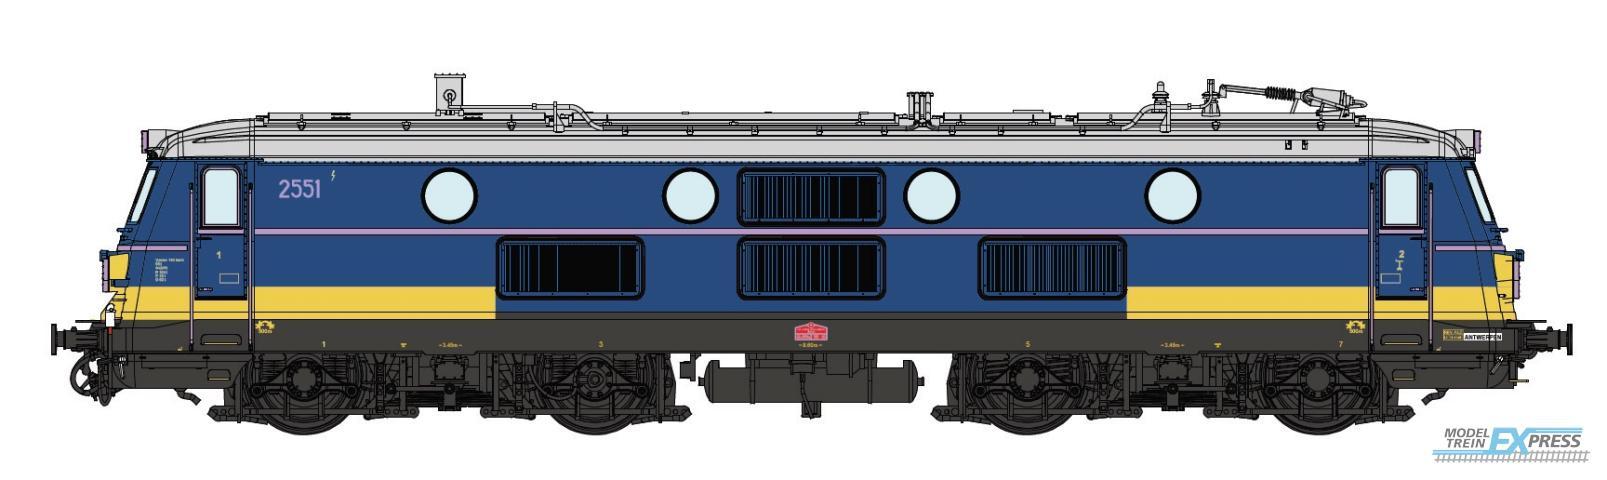 B-Models 3106.05